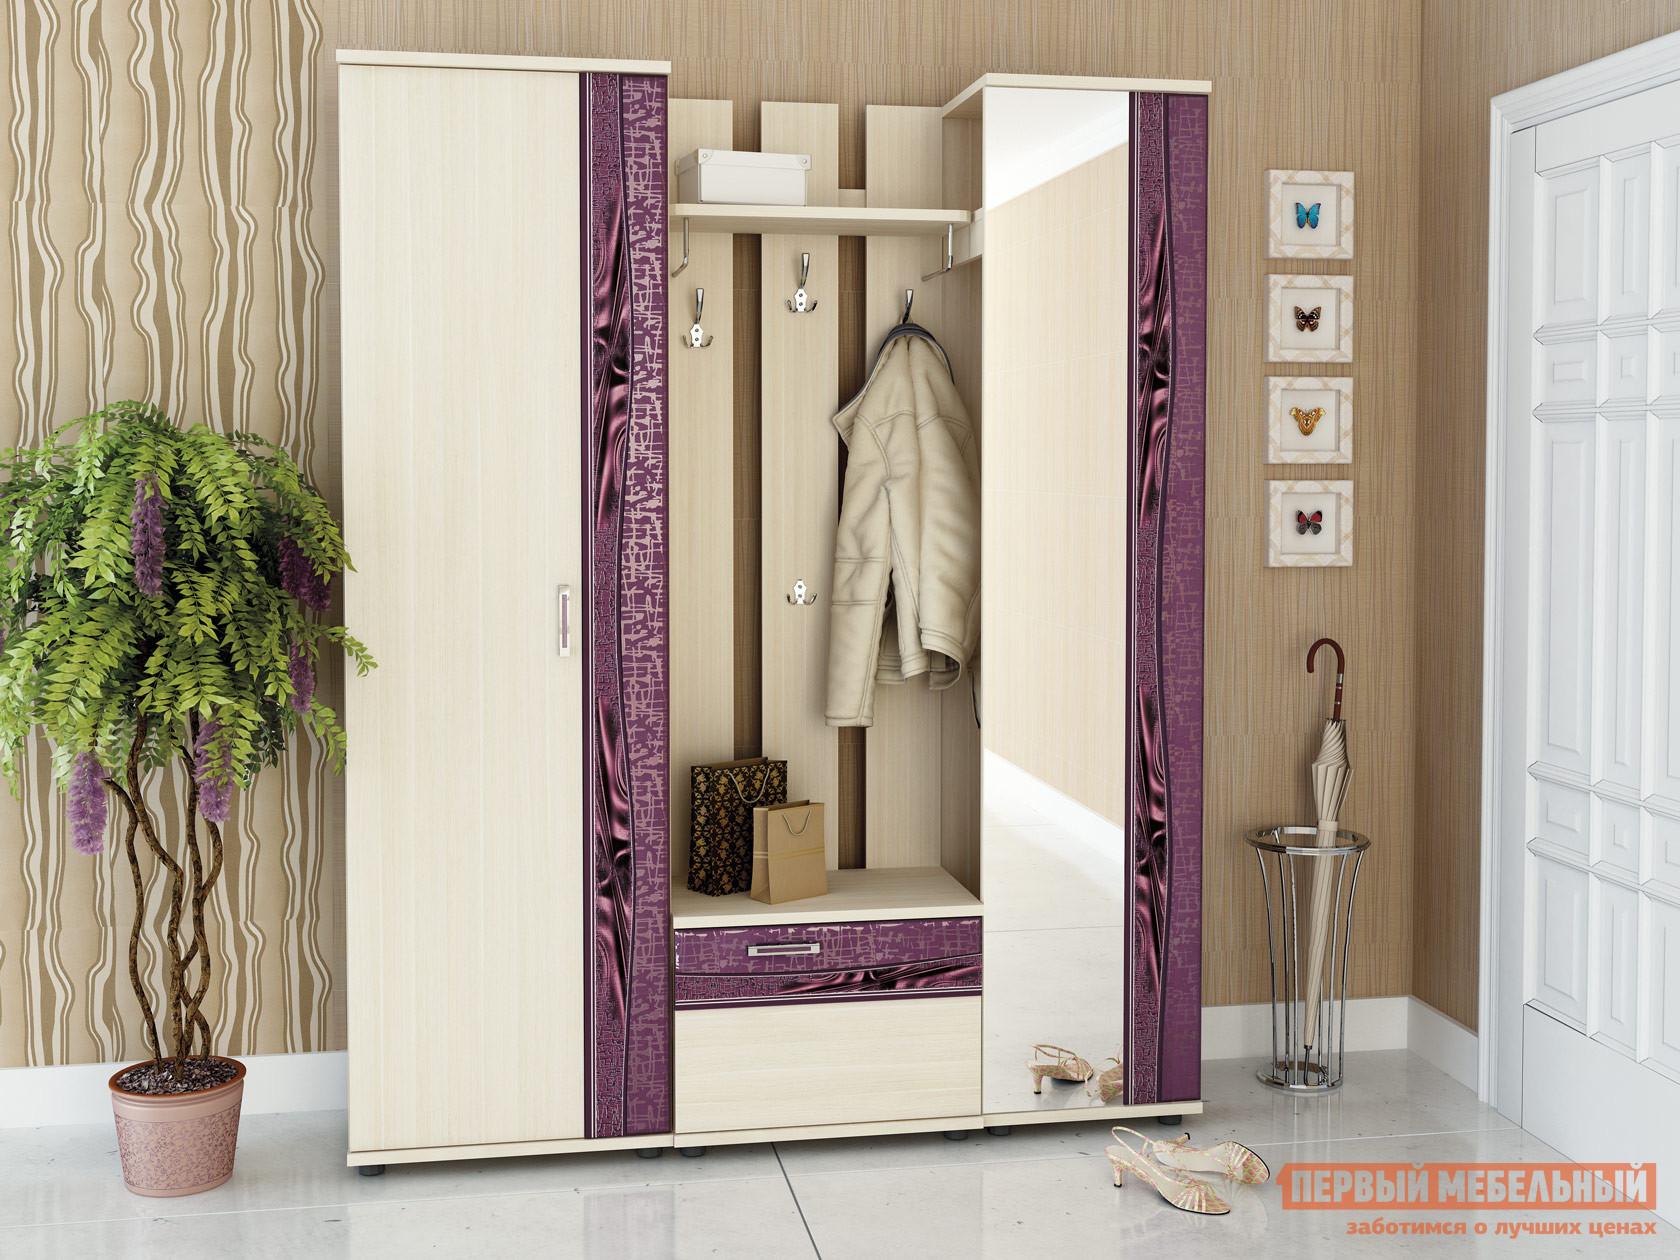 Прихожая маргарита (вариант 3) 1,65 метра быстро-мебель сама.